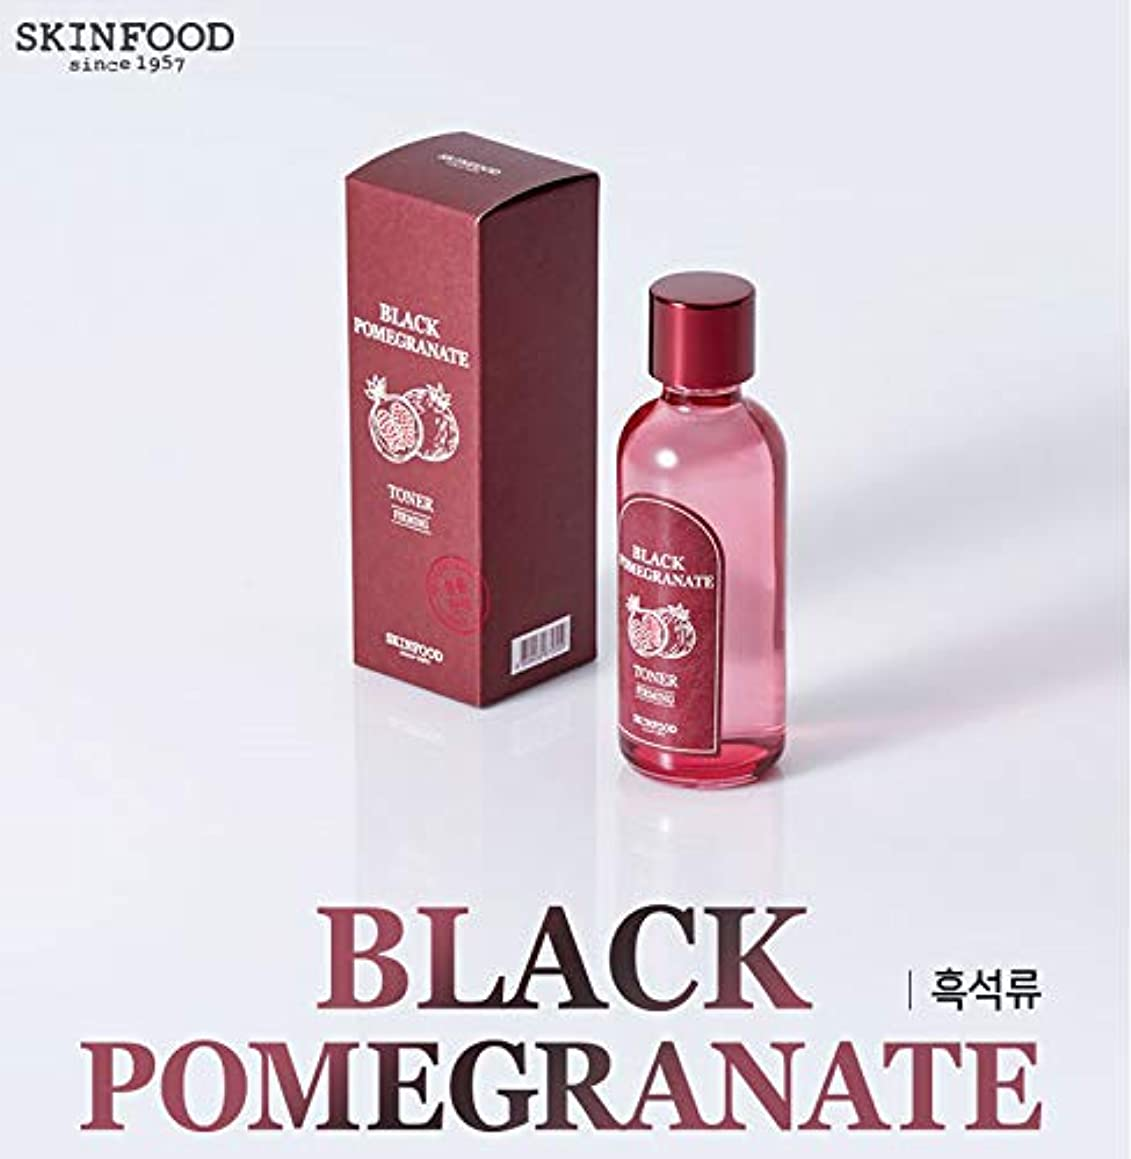 出口スムーズにちょっと待って[スキンフード] SKINFOOD [黒ザクロ ベースライン] (Black Pomegranate Skin care) (No.01 Black Pomegranate Toner(180ml)) [並行輸入品]